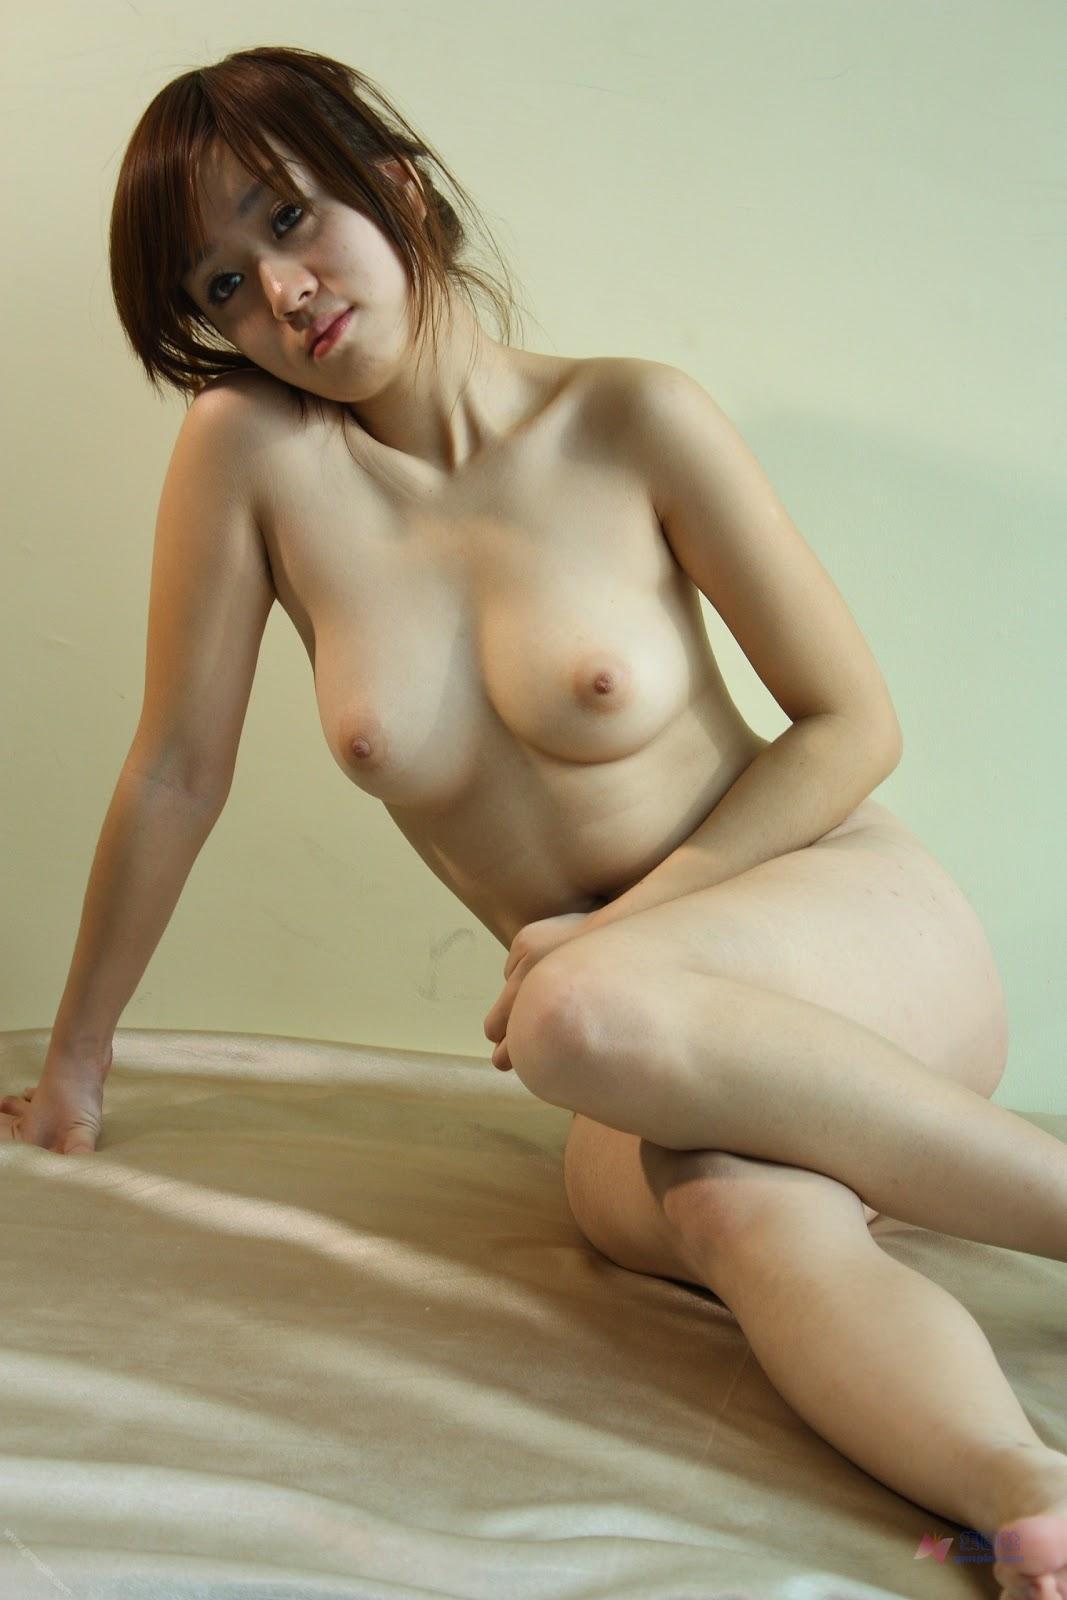 escortservice stuttgart aphrodisierende mittel